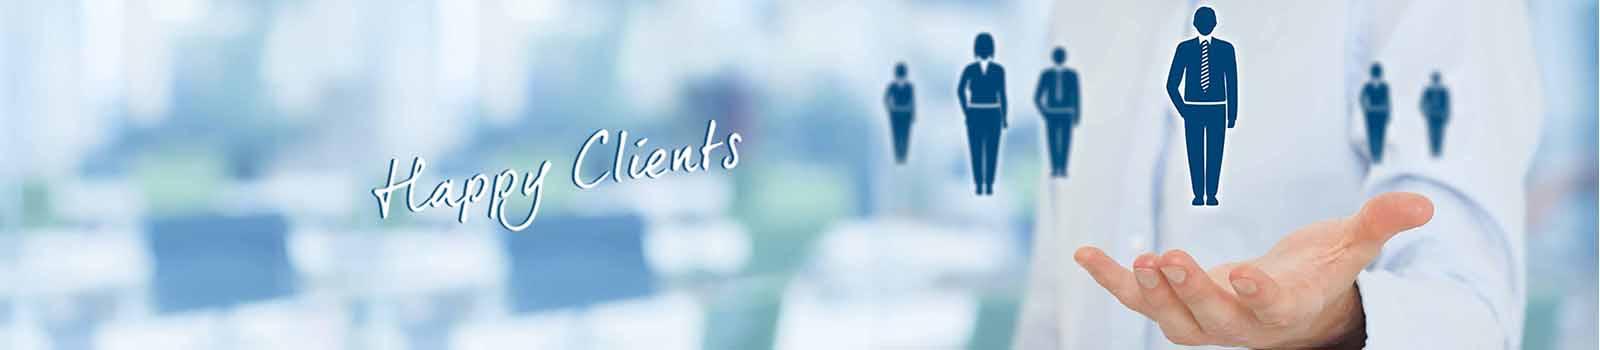 Our Precious Clients - Sansar Green Technologies